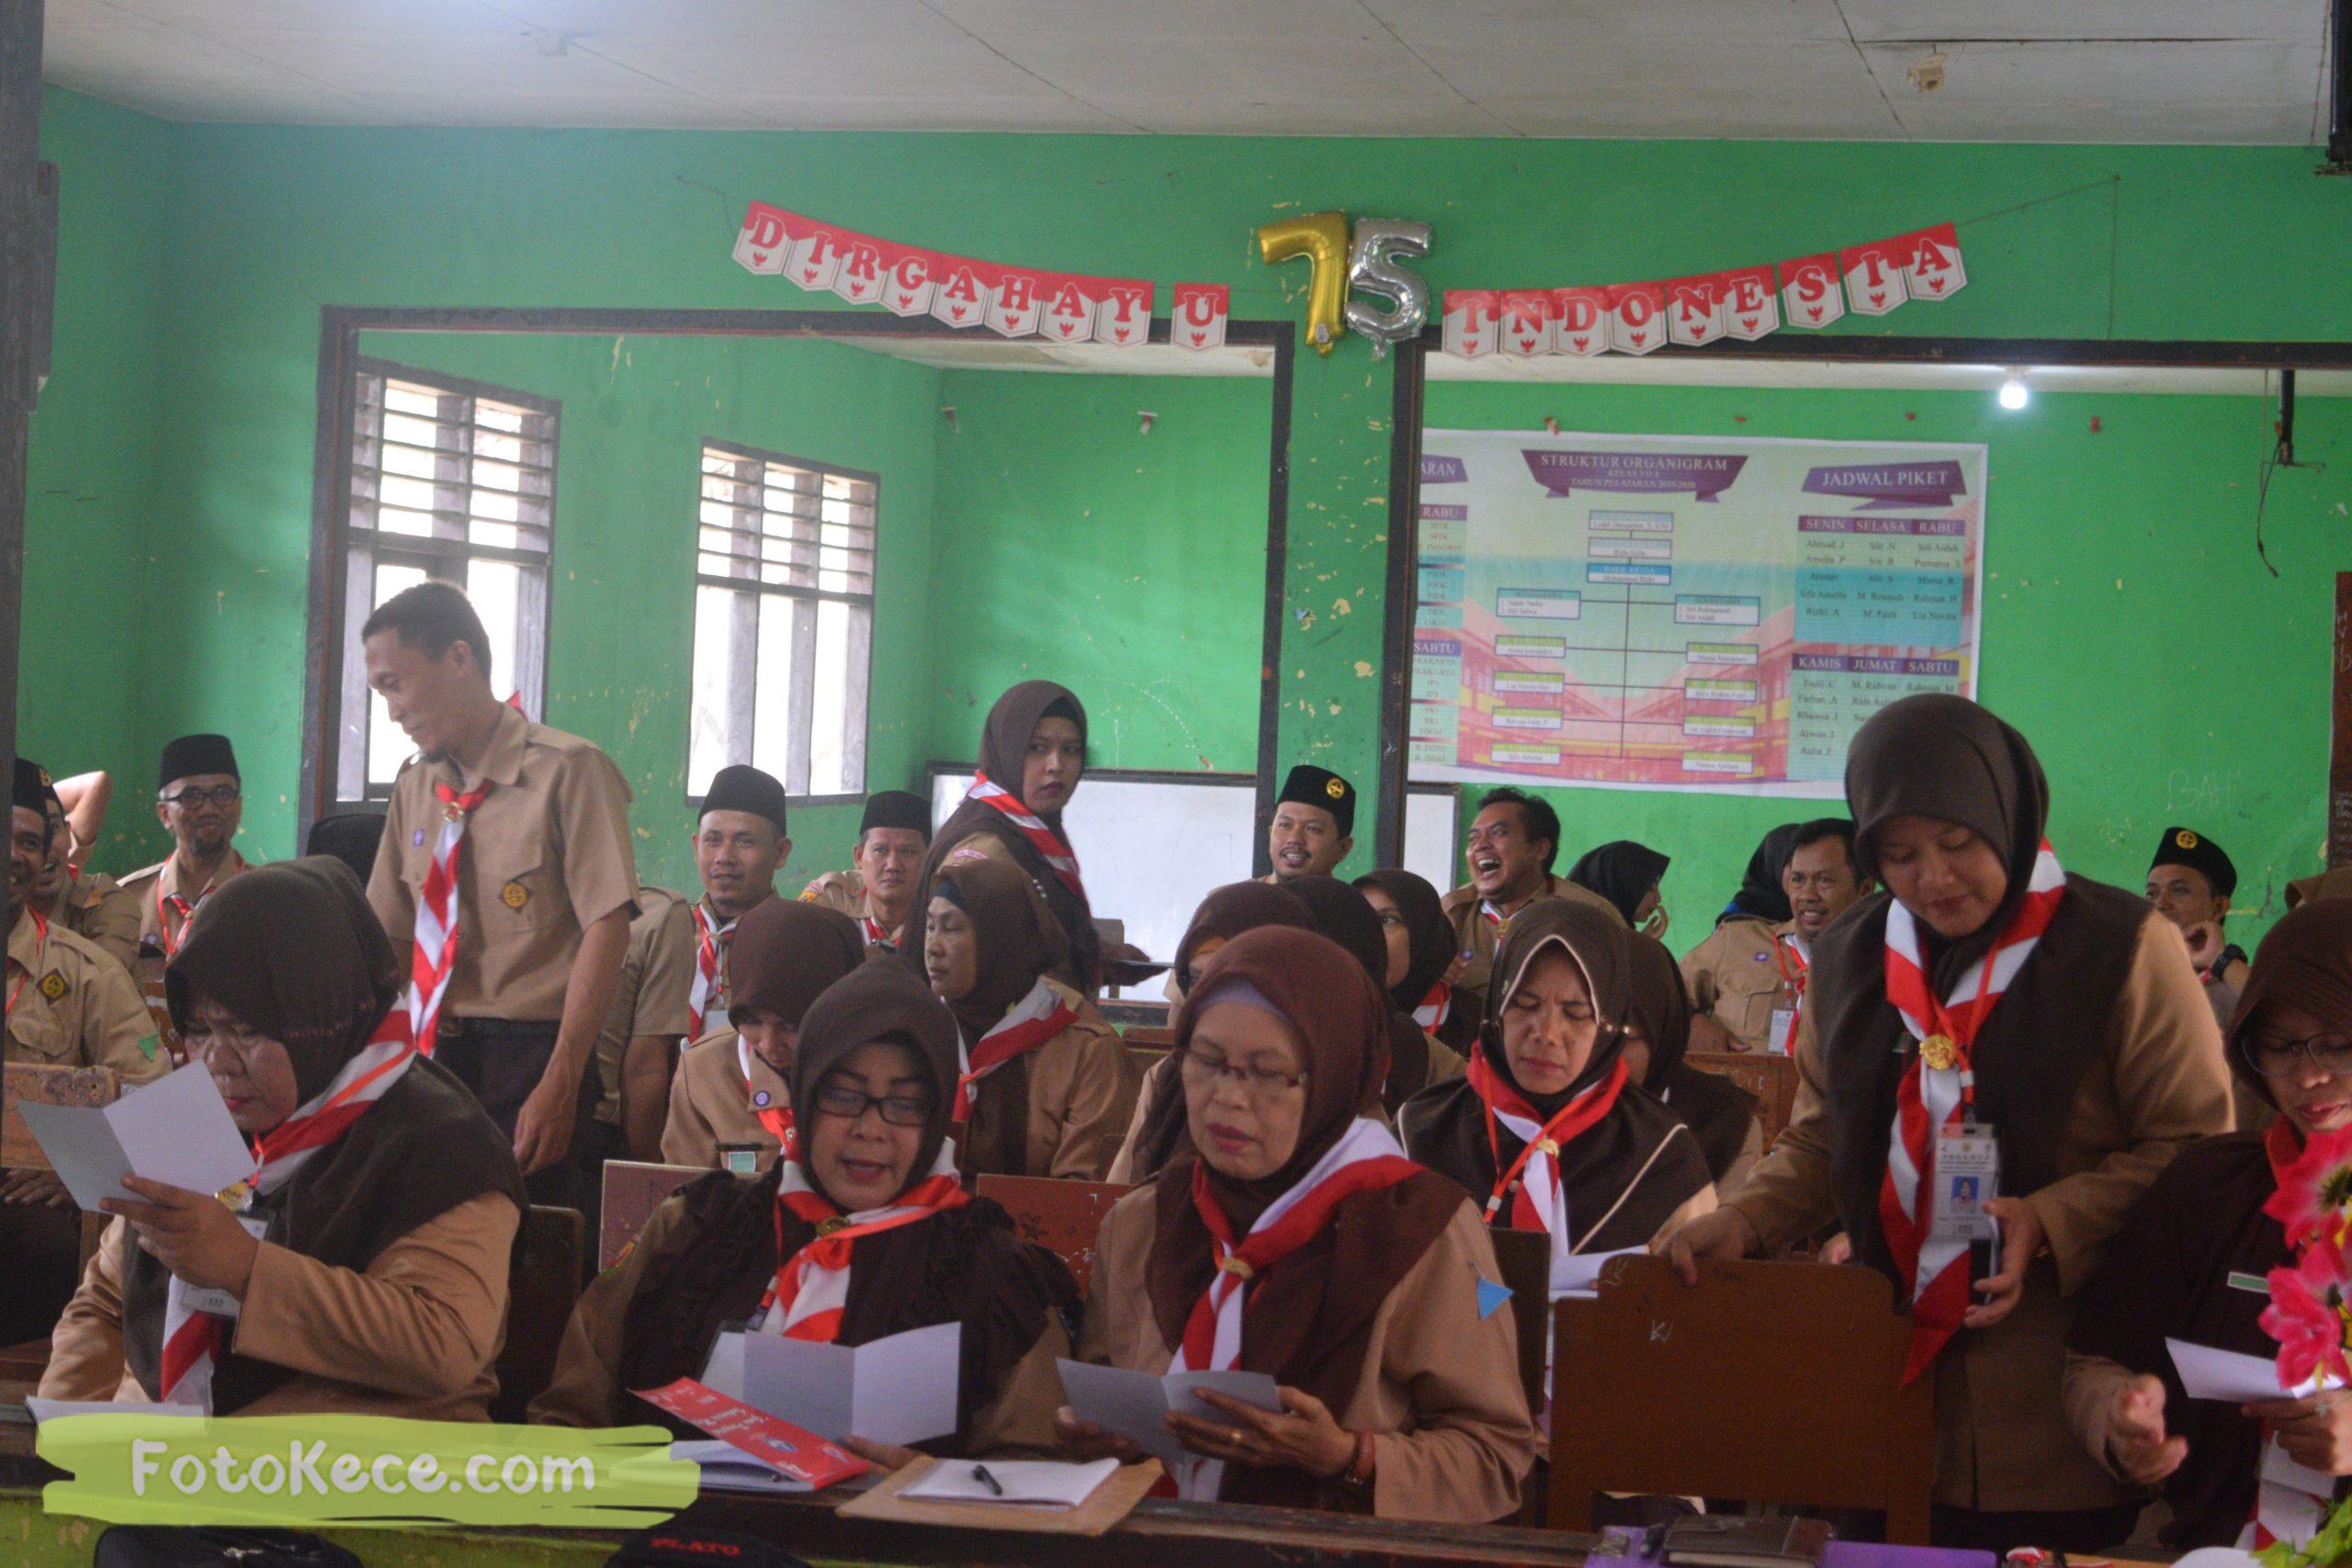 indoor kursus pembina mahir tingkat dasar kmd kwartir ranting surade 2019 fotokece Des 2019 15 scaled